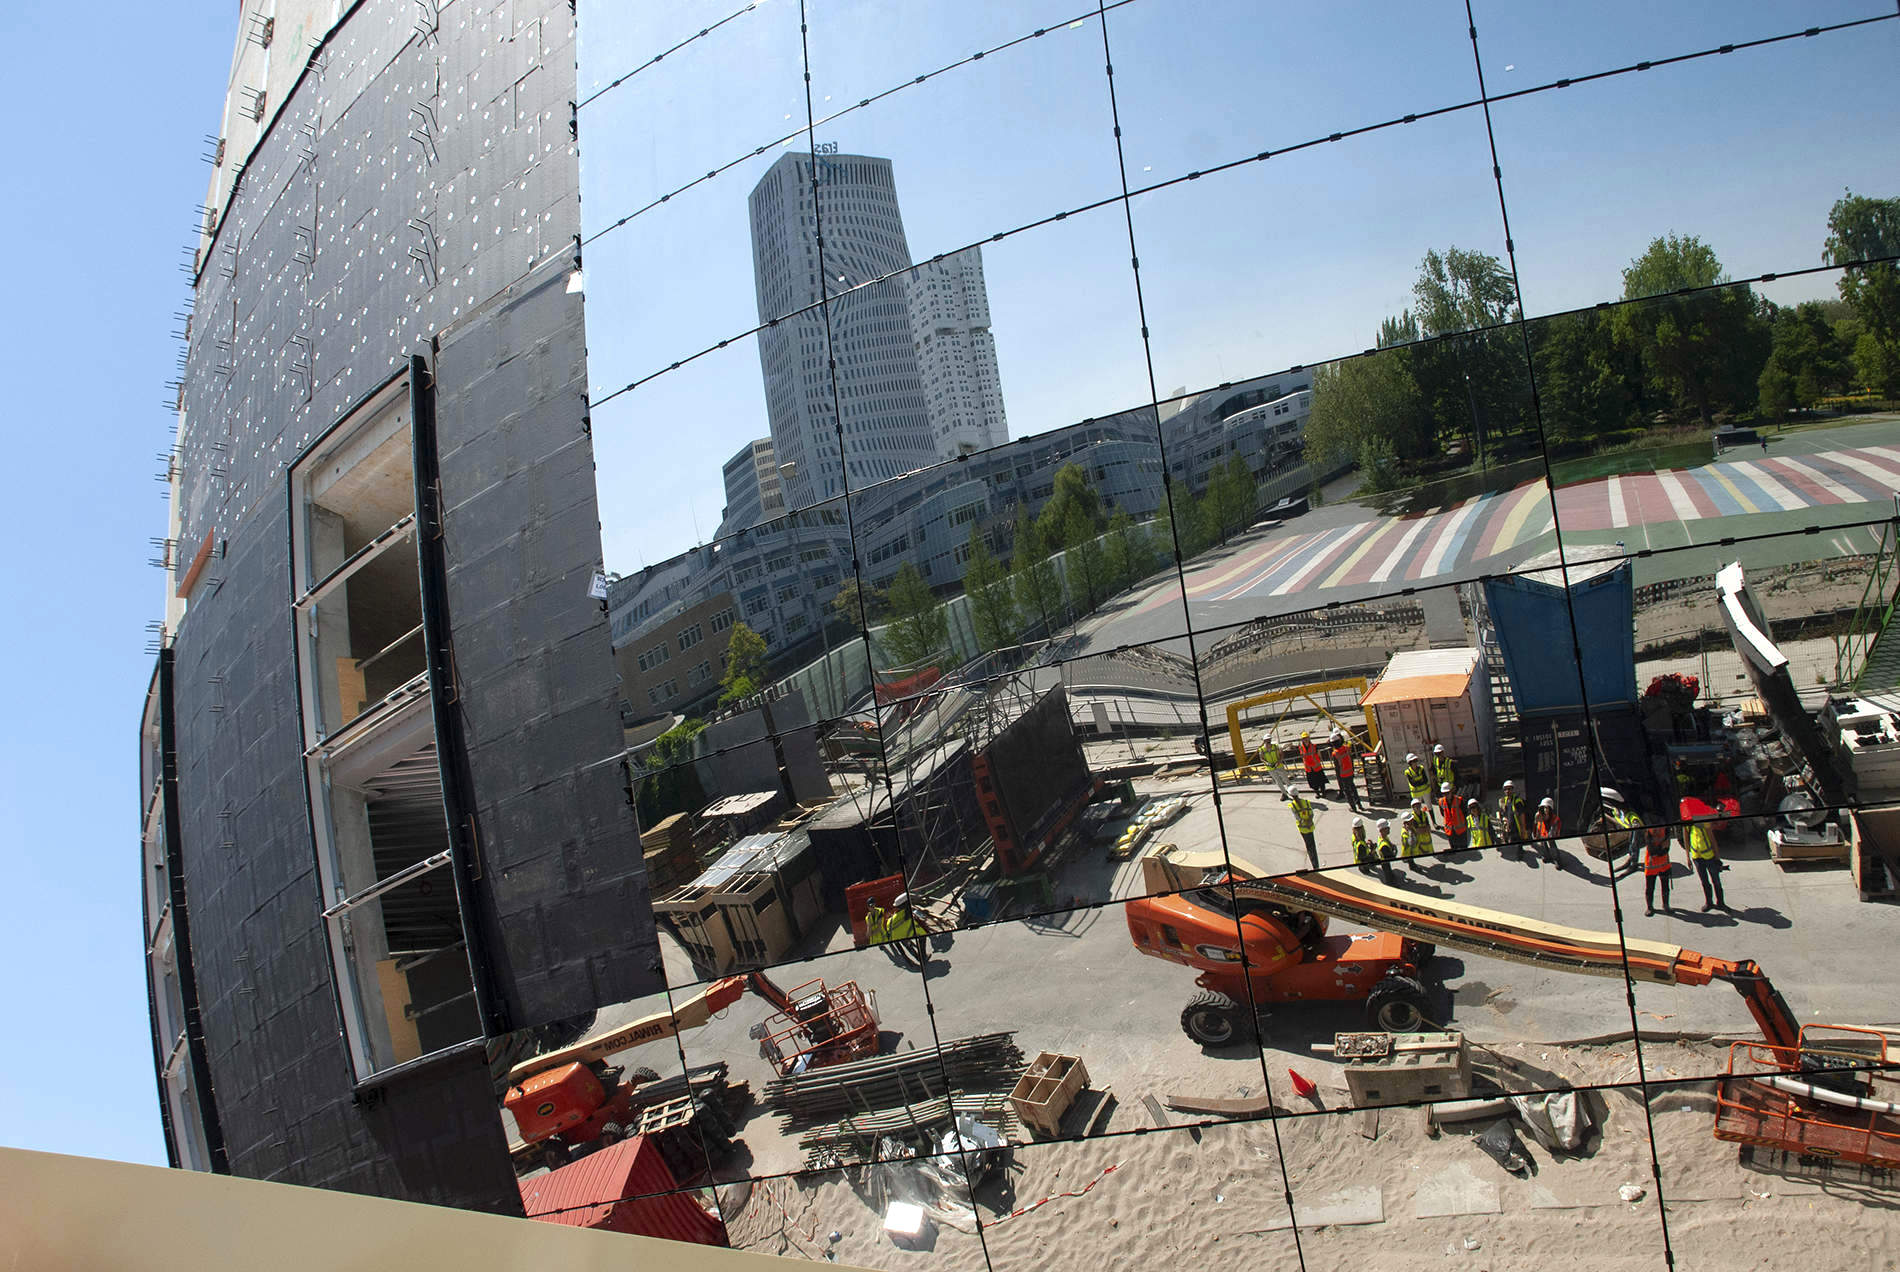 Depot Boijmans Van Beuningen. In der Spiegelfassade wird die gesamte Umgebung reflektiert – ein Sinnbild für die Eigentumsverhältnisse der hochkarätigen Sammlung, die hier einmal untergebracht sein wird: Rotterdam, das alles gehört Dir!